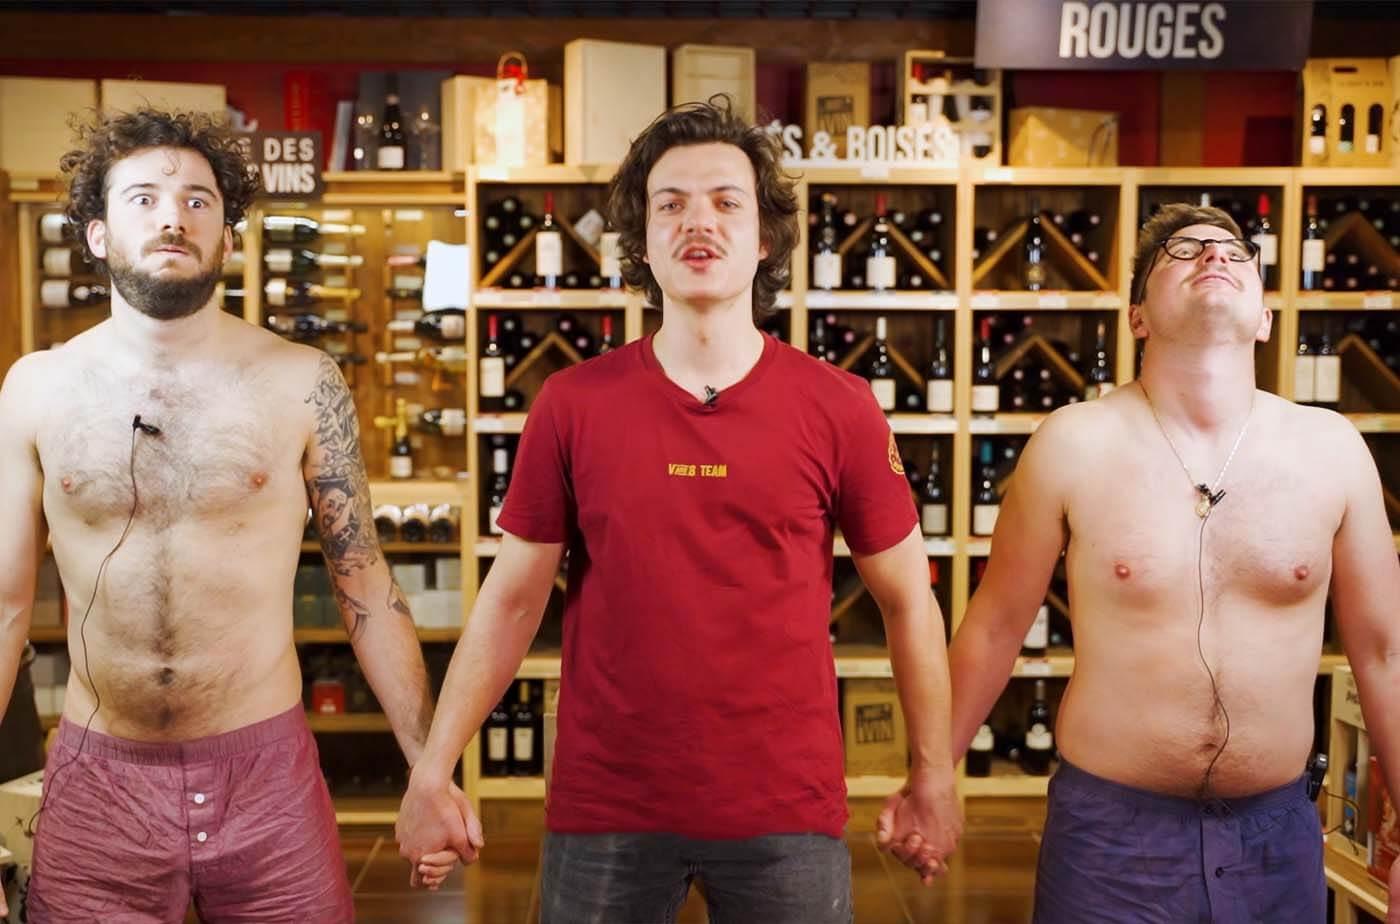 le régisseur des vignobles invindia se met à nu